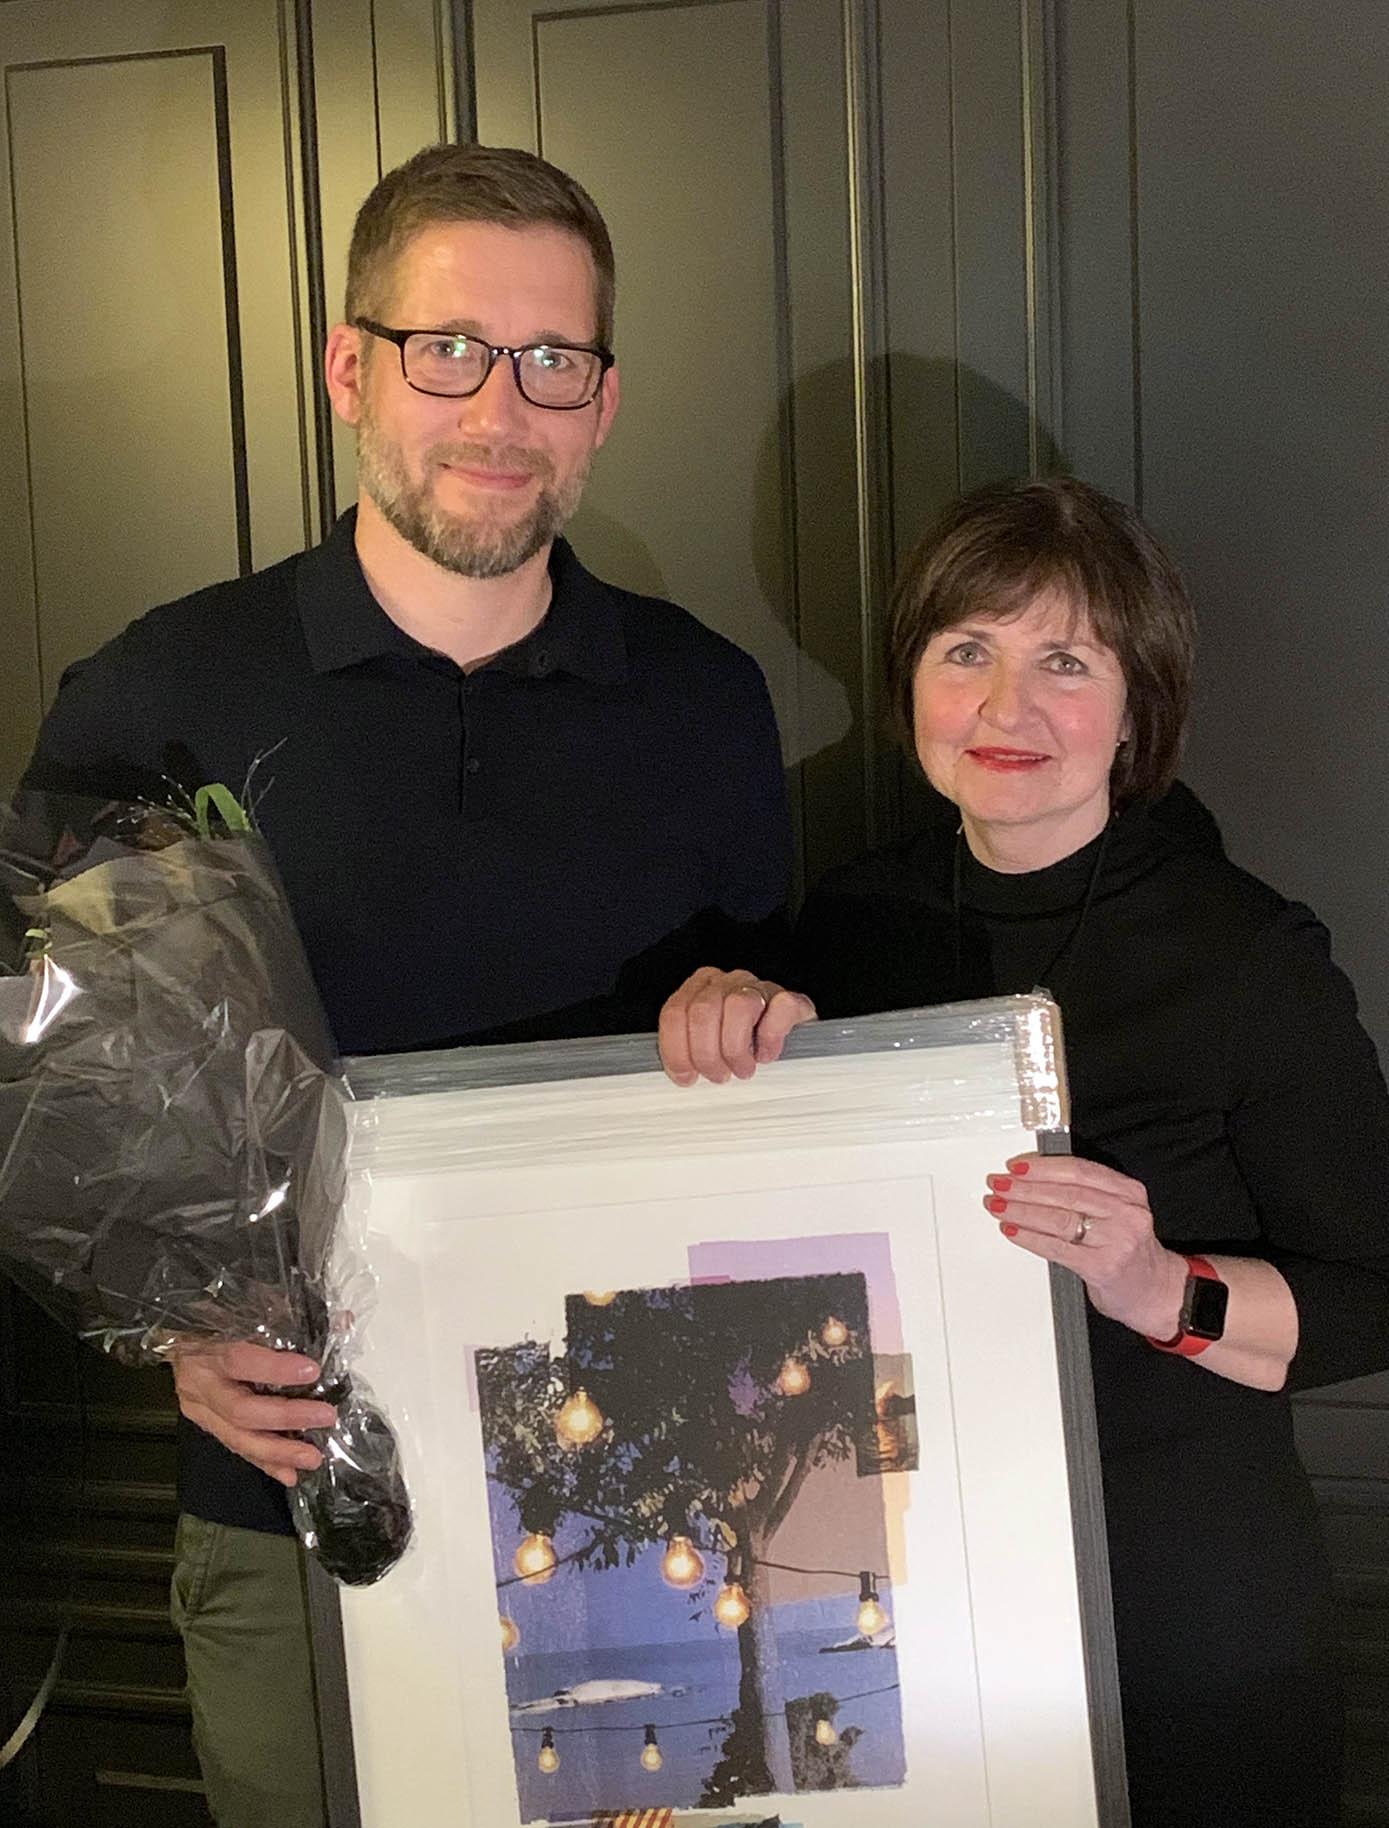 Prisvinner Lars Aarvåg Amundsen og leder av NFSP, Ingjerd Meen Lorvik